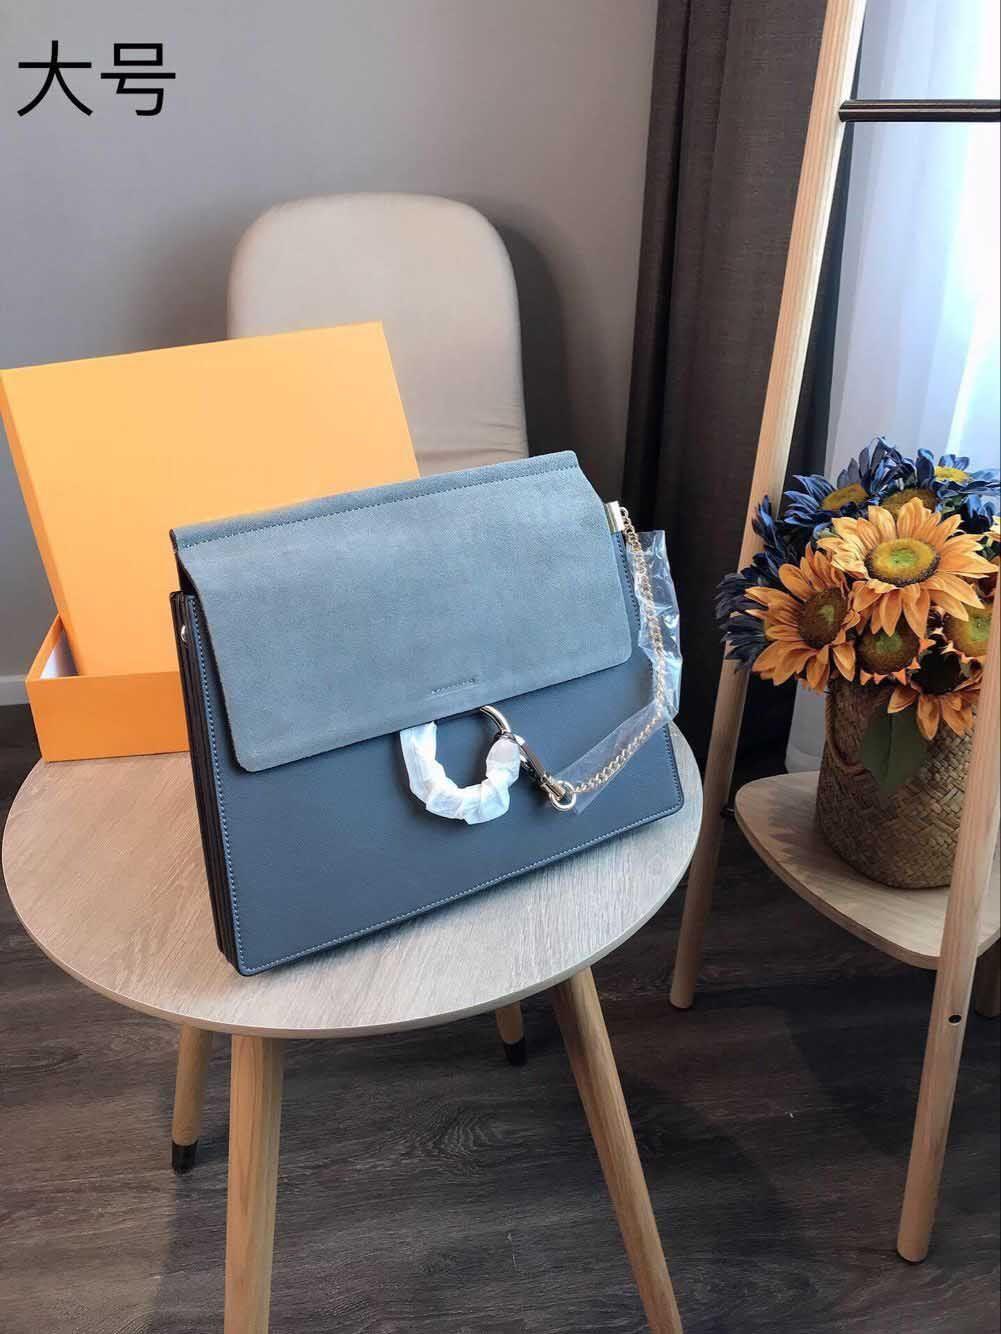 حقائب الكتف النساء الفاخرة مصمم حقيبة جلدية حقيقية سلسلة حقيبة crossbody الشهيرة دائرة مصمم محفظة جودة عالية كبيرة الحجم 31 سنتيمتر